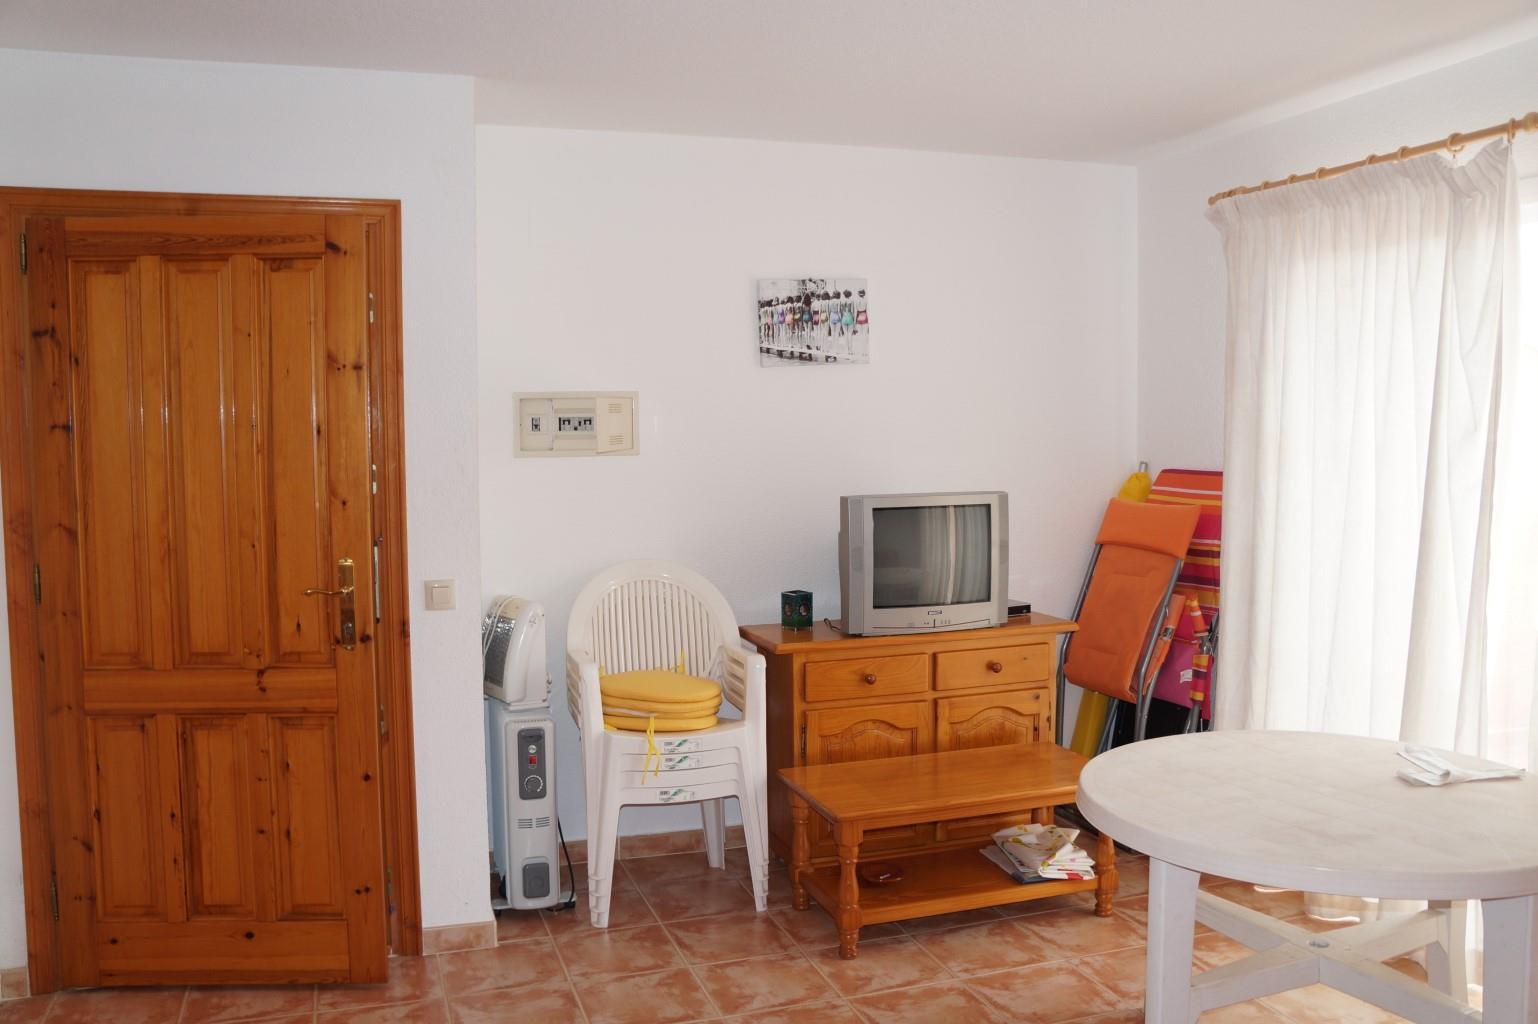 Appartement - Benitachell - #2183105-9